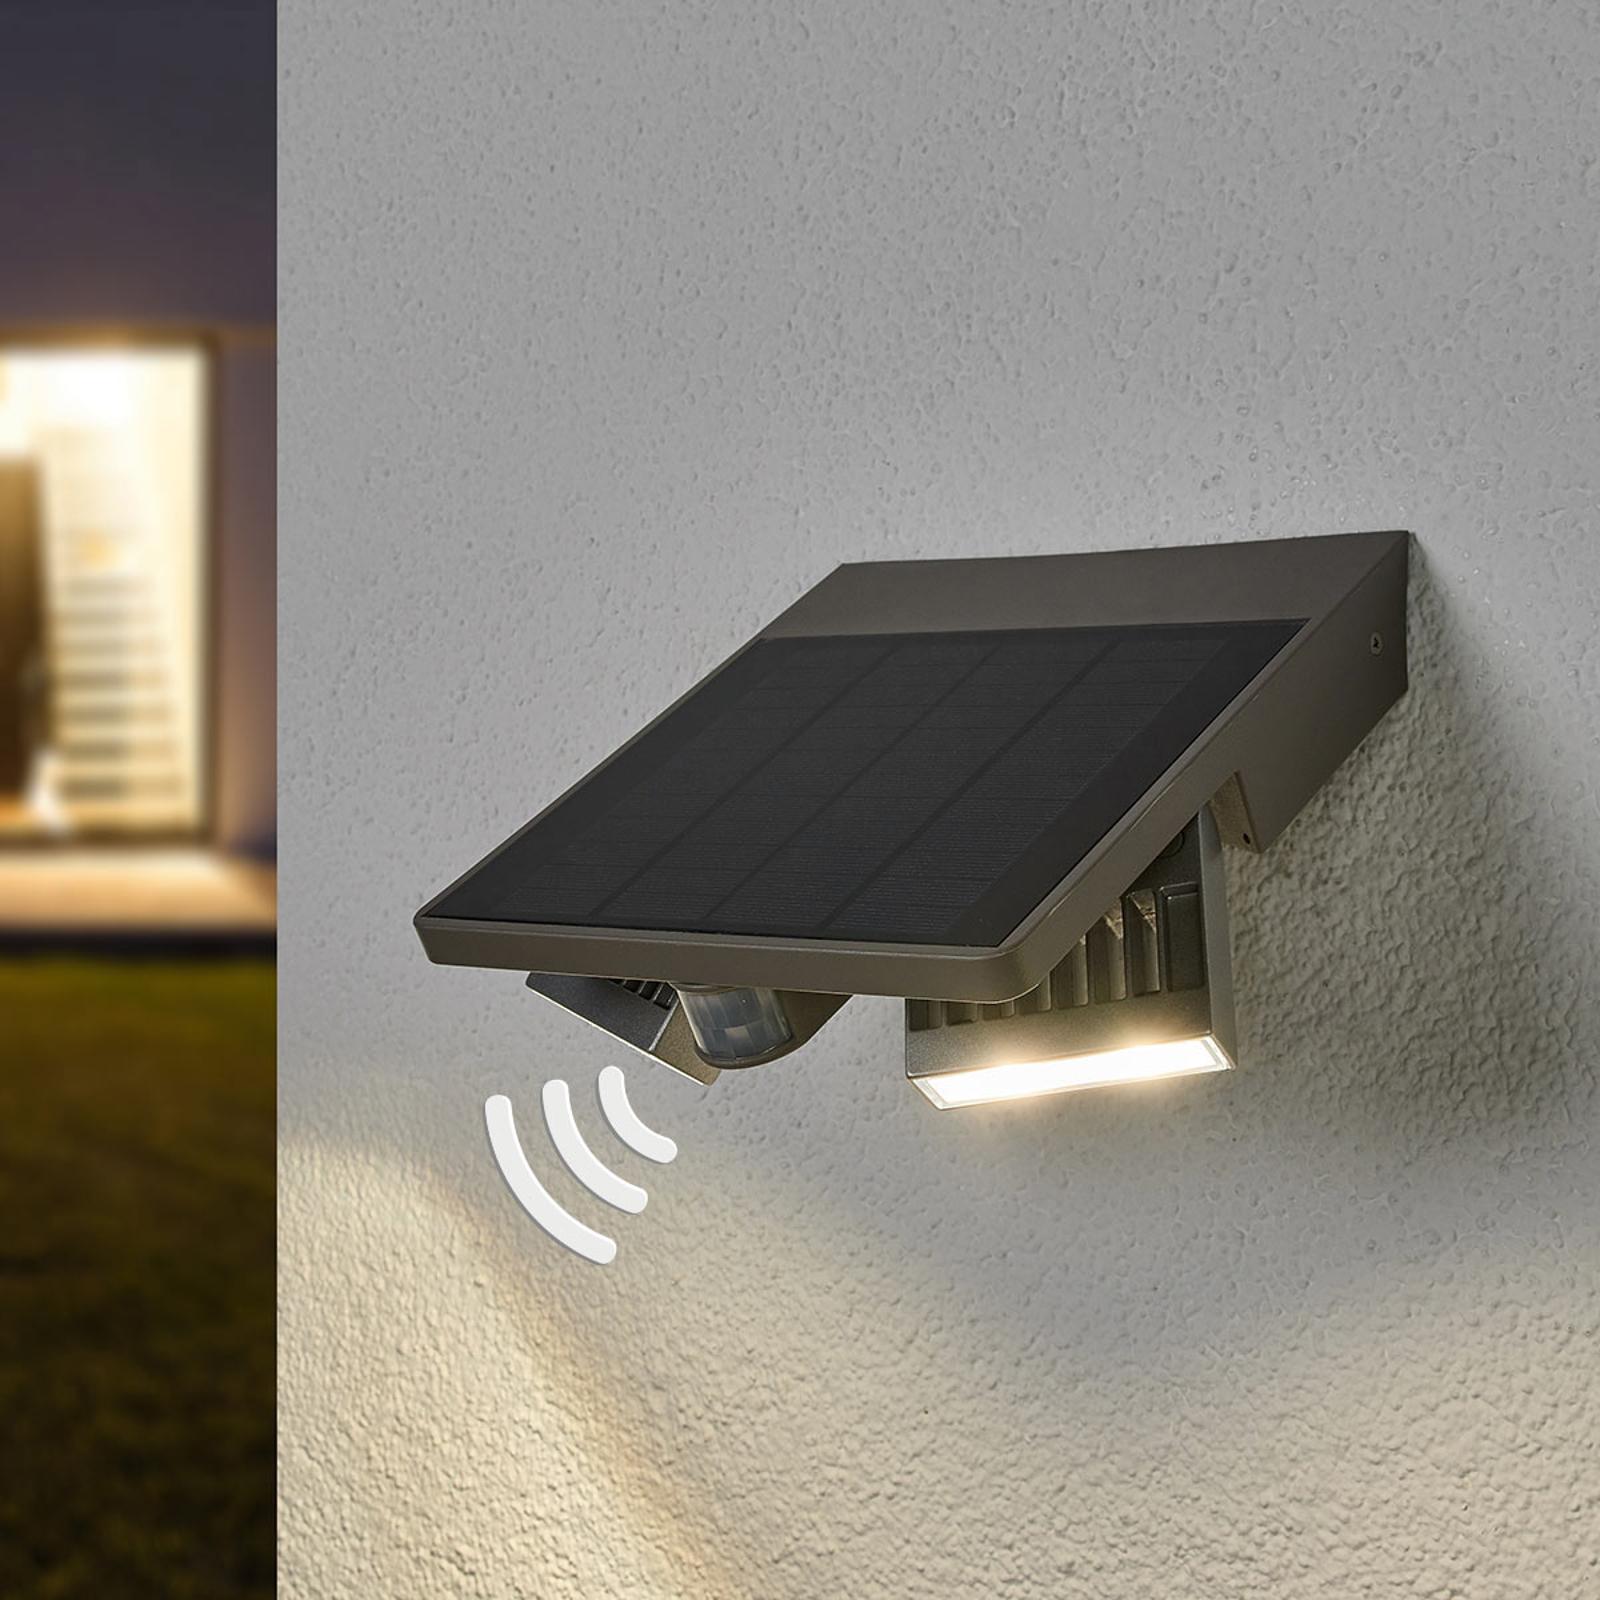 LED-utevegglampe Ghost Solar, bevegelsessensor